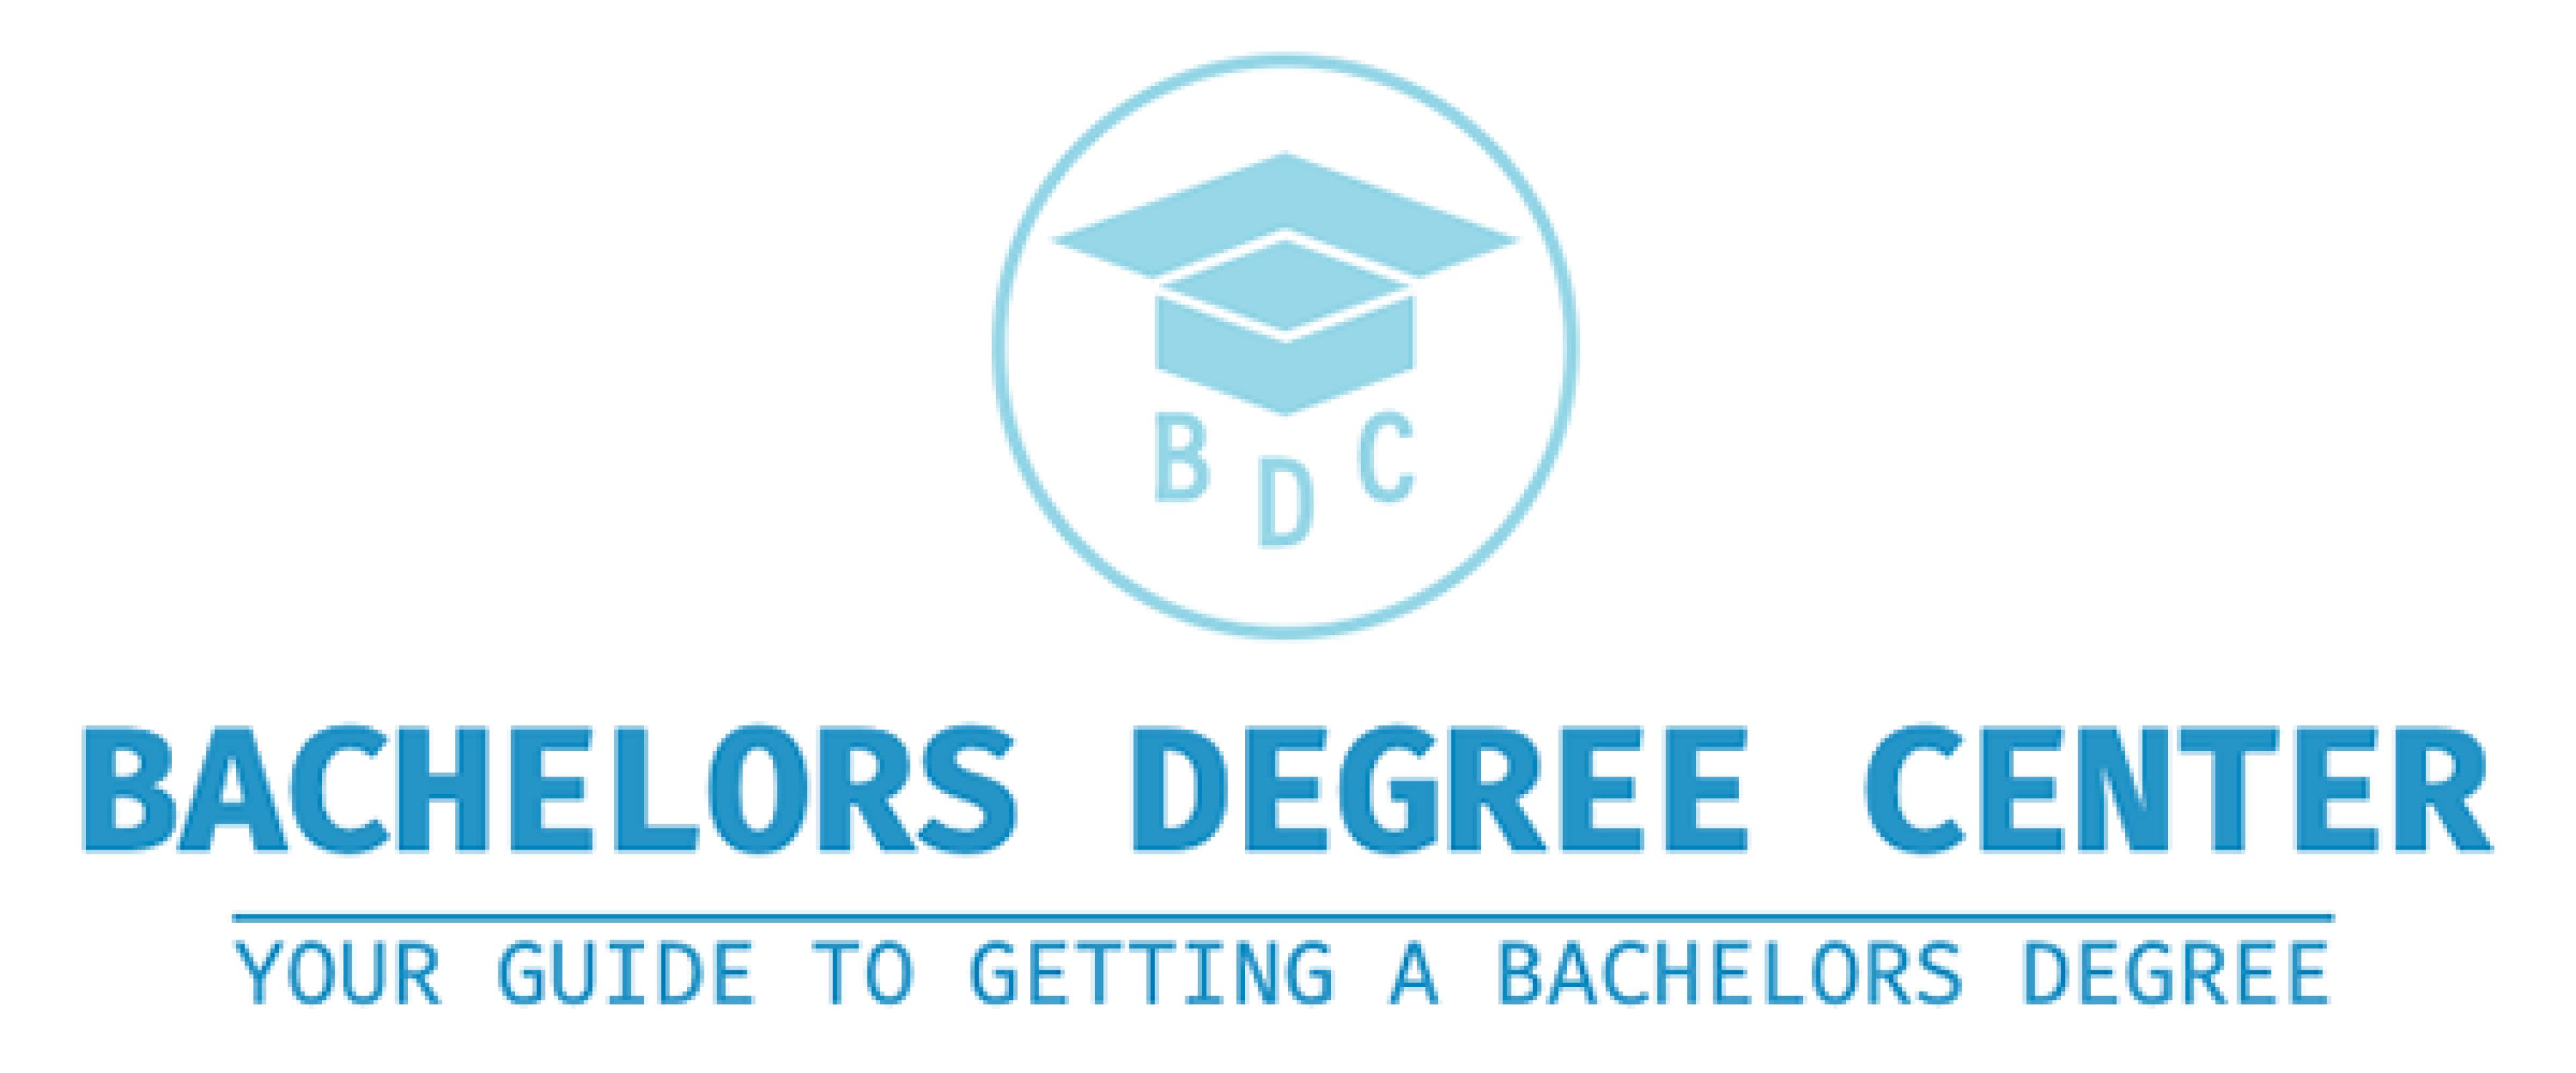 Bachelors Degree Center logo